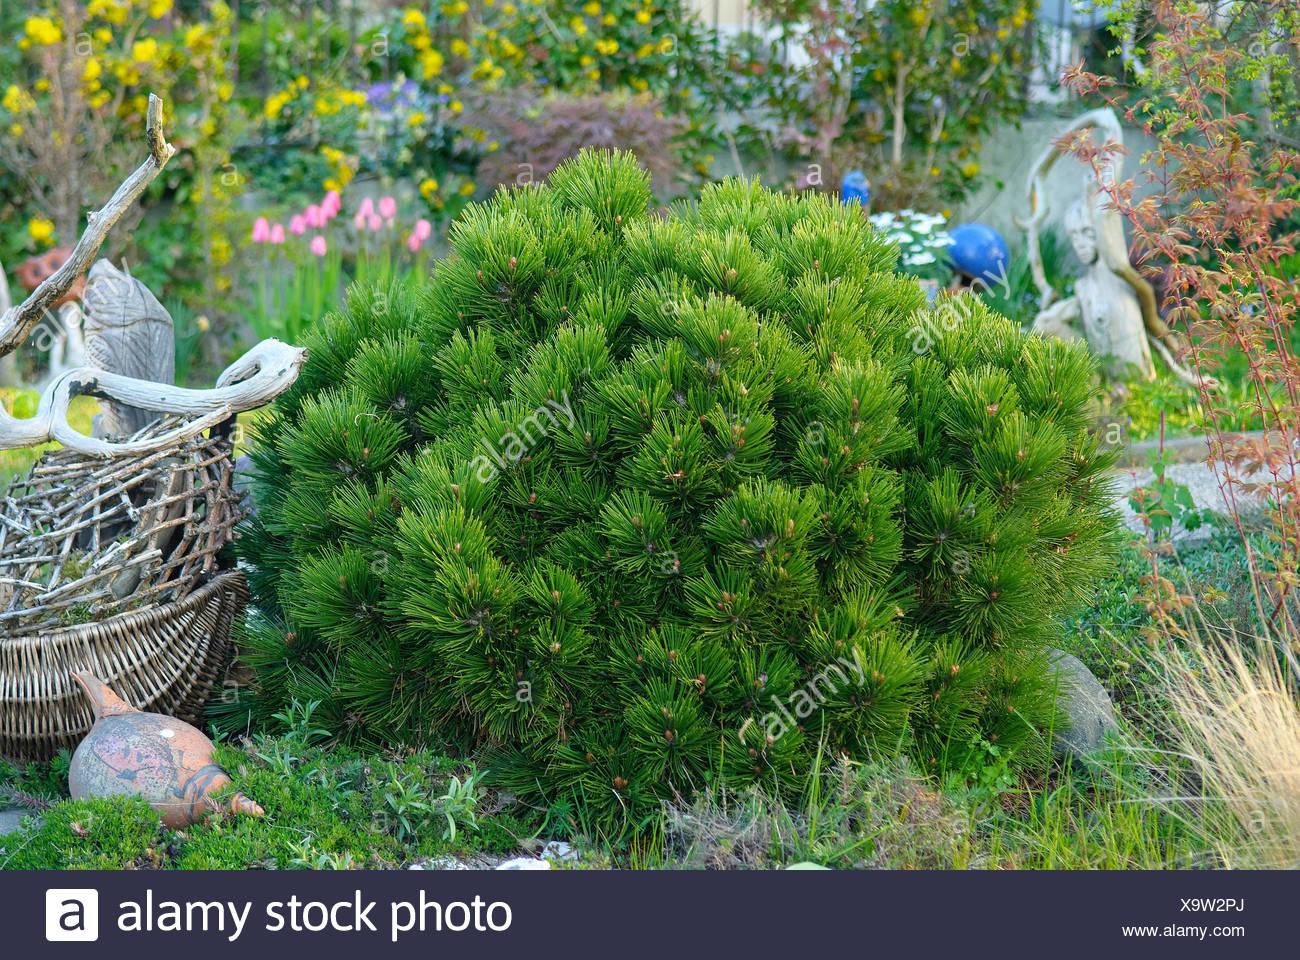 Bosnian Pine, Palebark Pine (Pinus heldreichii 'Smidtii', Pinus heldreichii Smidtii), cultivar Smidtii - Stock Image